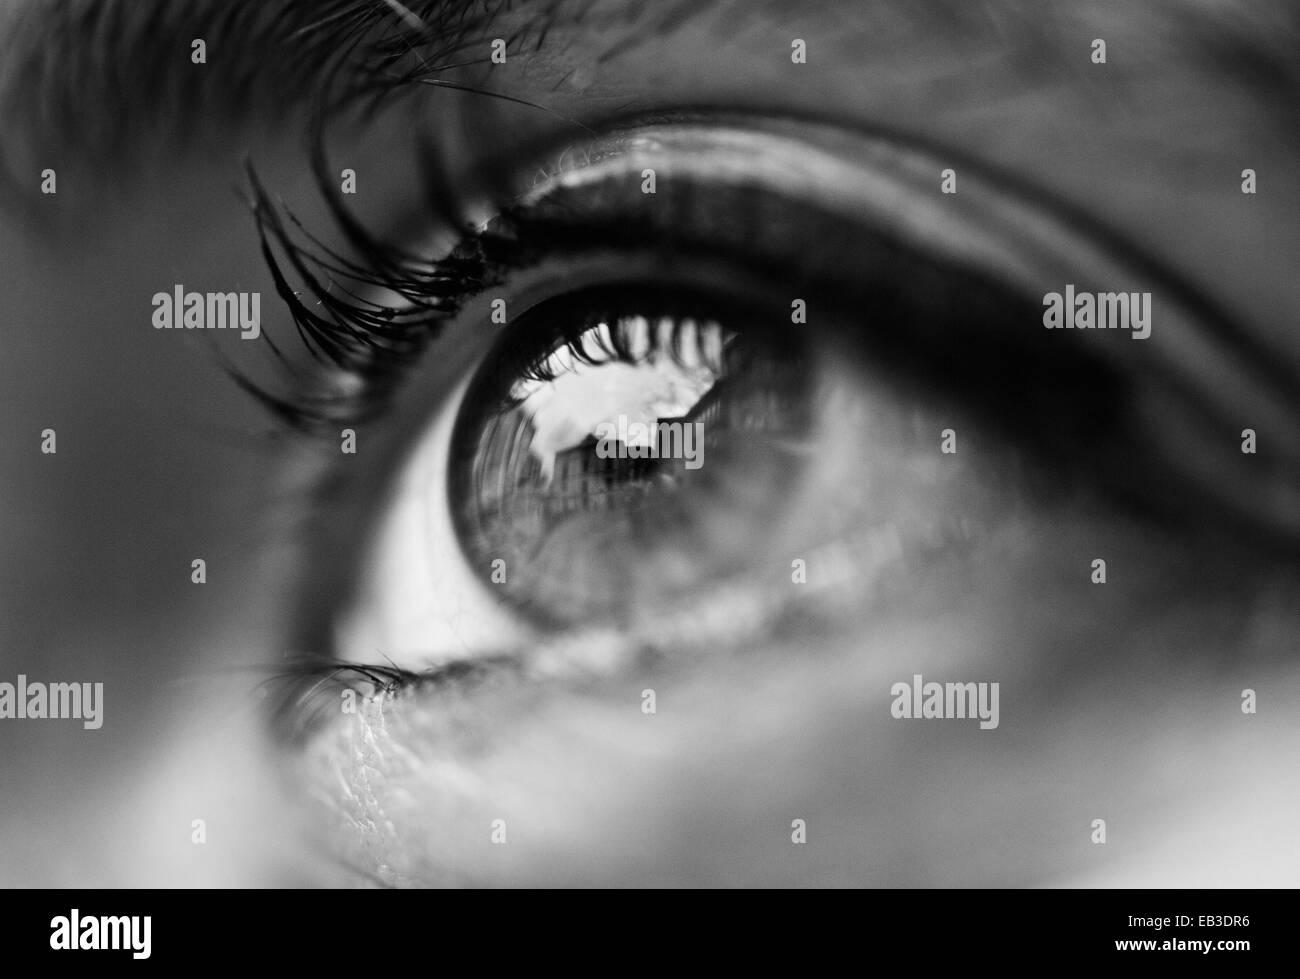 Cerca de un ojo de mujer Imagen De Stock